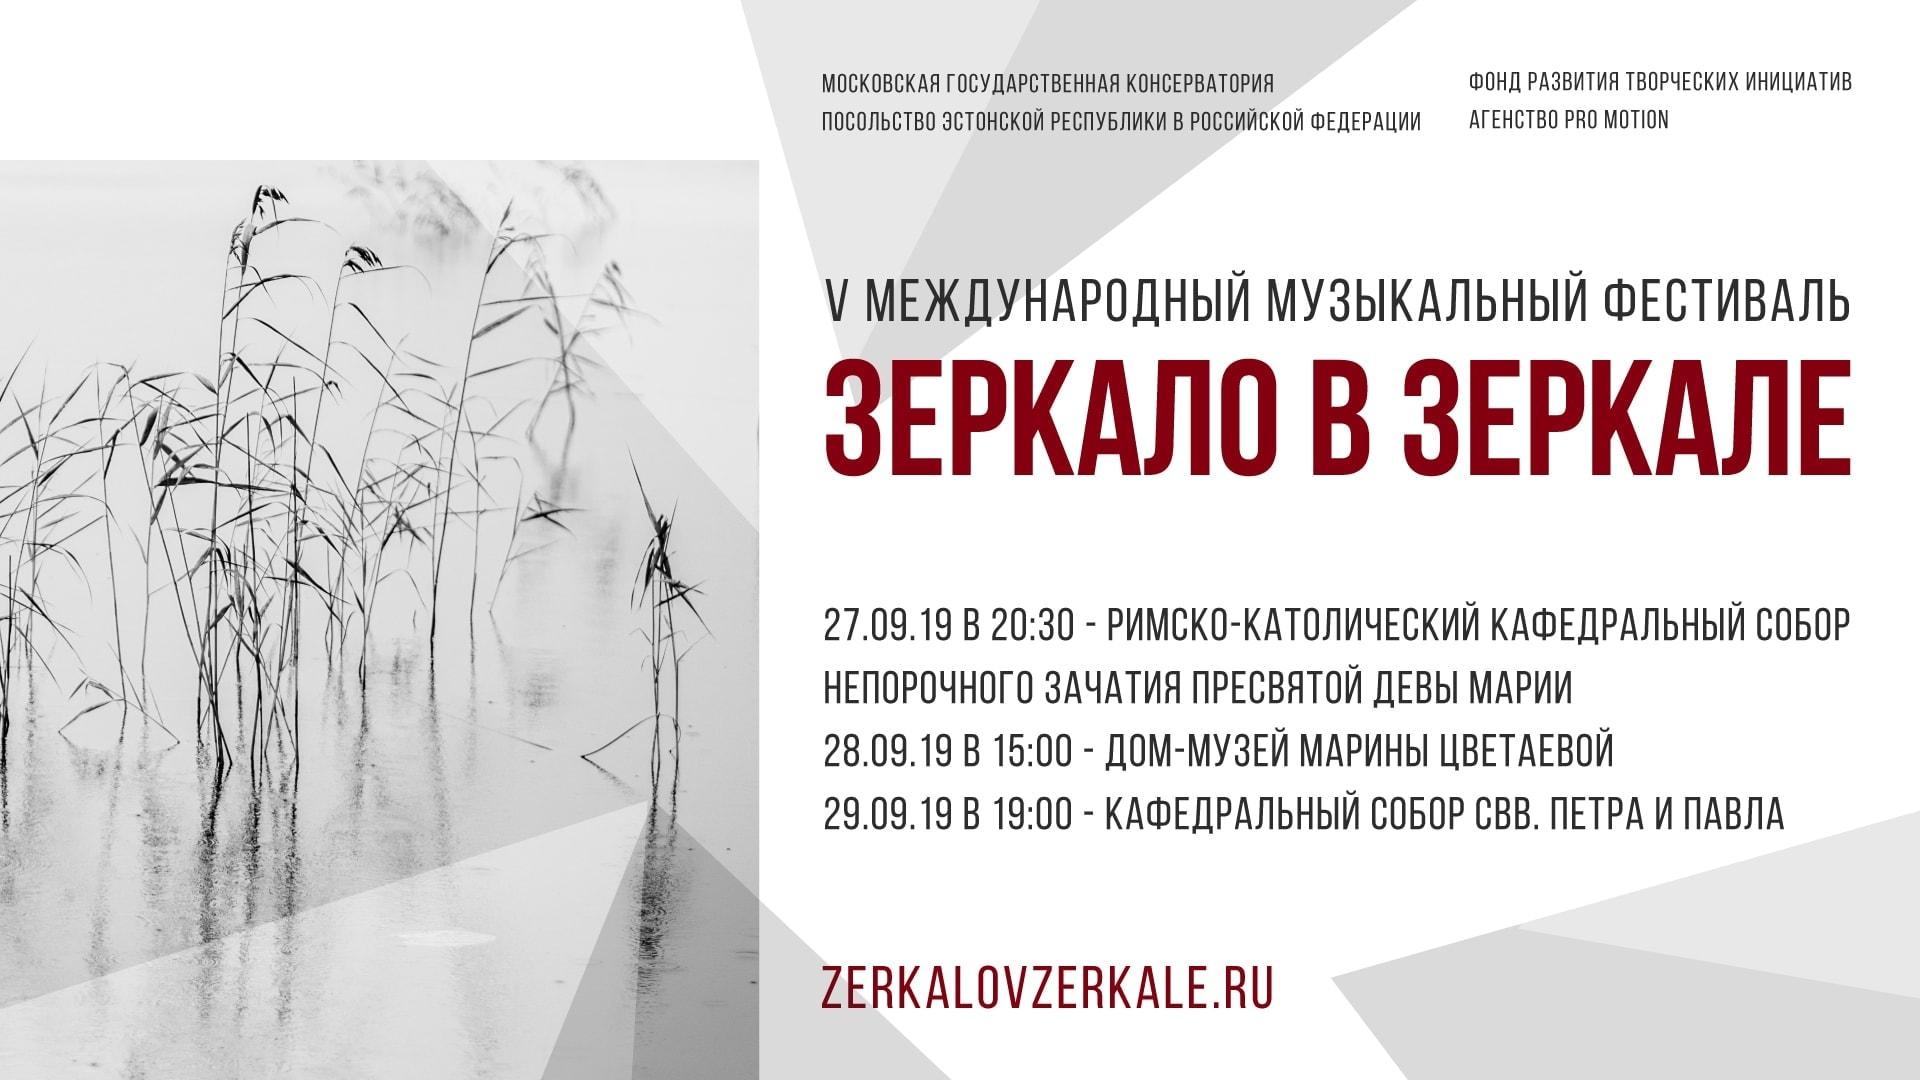 Пятый Международный музыкальный фестиваль «Зеркало в зеркале»